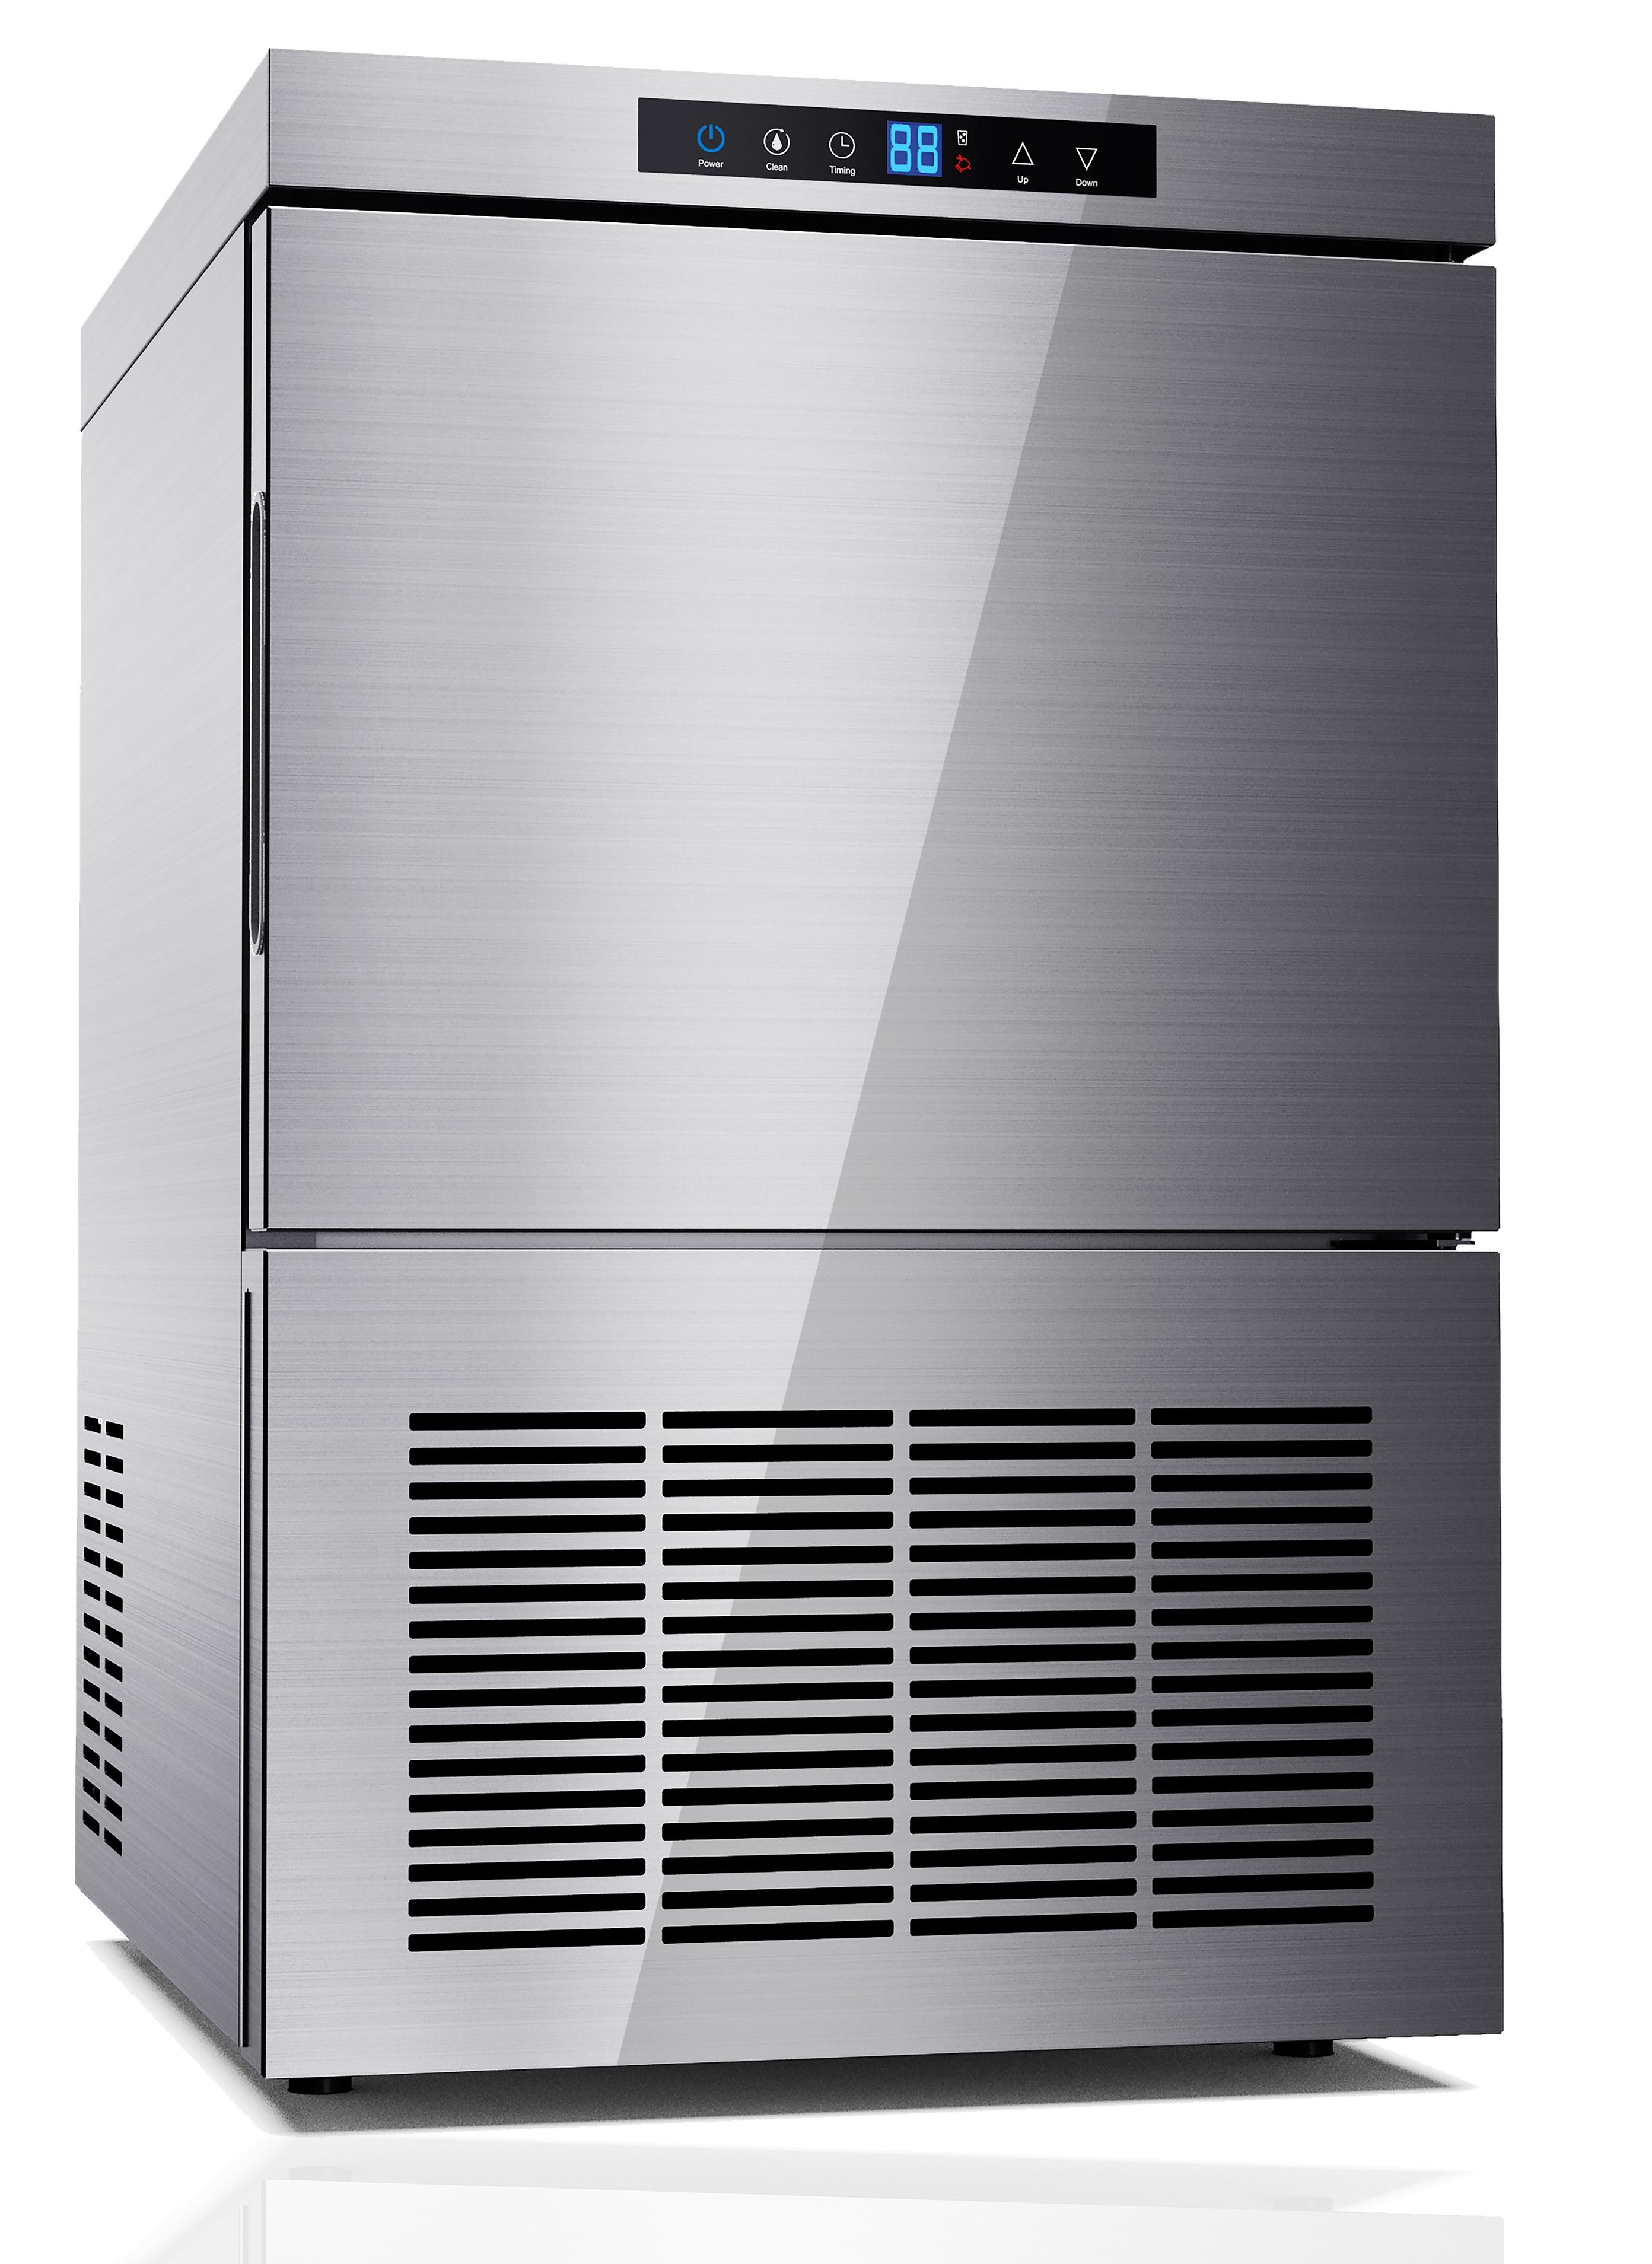 מכונת קרח נירוסטה קומפקטית לבית ולעסק ZB-20